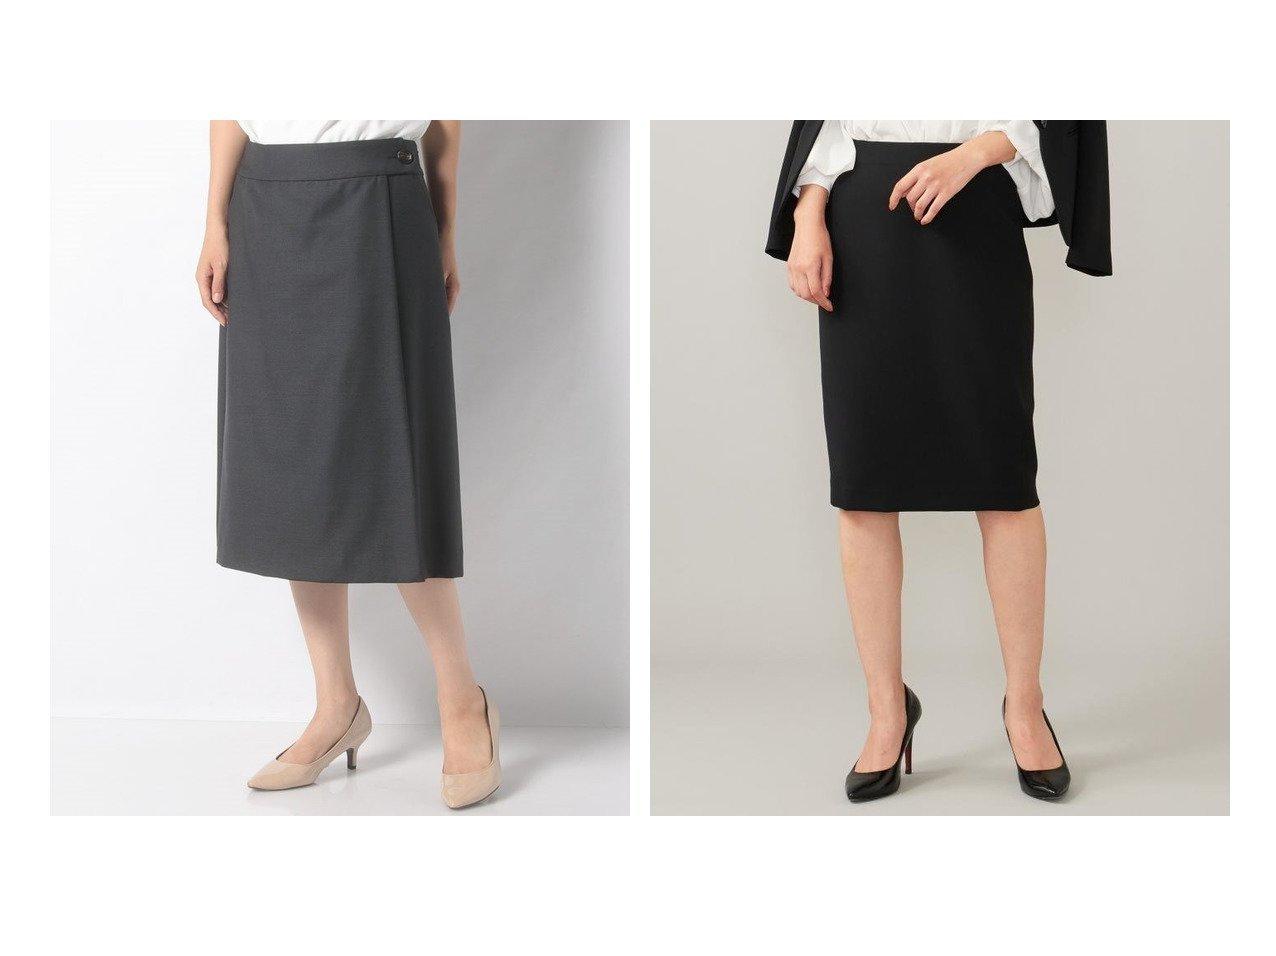 【BEIGE,/ベイジ,】のスカート&【OLD ENGLAND/オールド イングランド】のロロピアーナスカート スカートのおすすめ!人気、レディースファッションの通販  おすすめファッション通販アイテム インテリア・キッズ・メンズ・レディースファッション・服の通販 founy(ファニー) ファッション Fashion レディース WOMEN スカート Skirt スーツ Suits スーツ スカート Skirt シンプル スマート トレンド ラップ 無地 ストレッチ スーツ タイトスカート フォーマル A/W 秋冬 Autumn /  Winter ブラック系 Black |ID:crp329100000004055